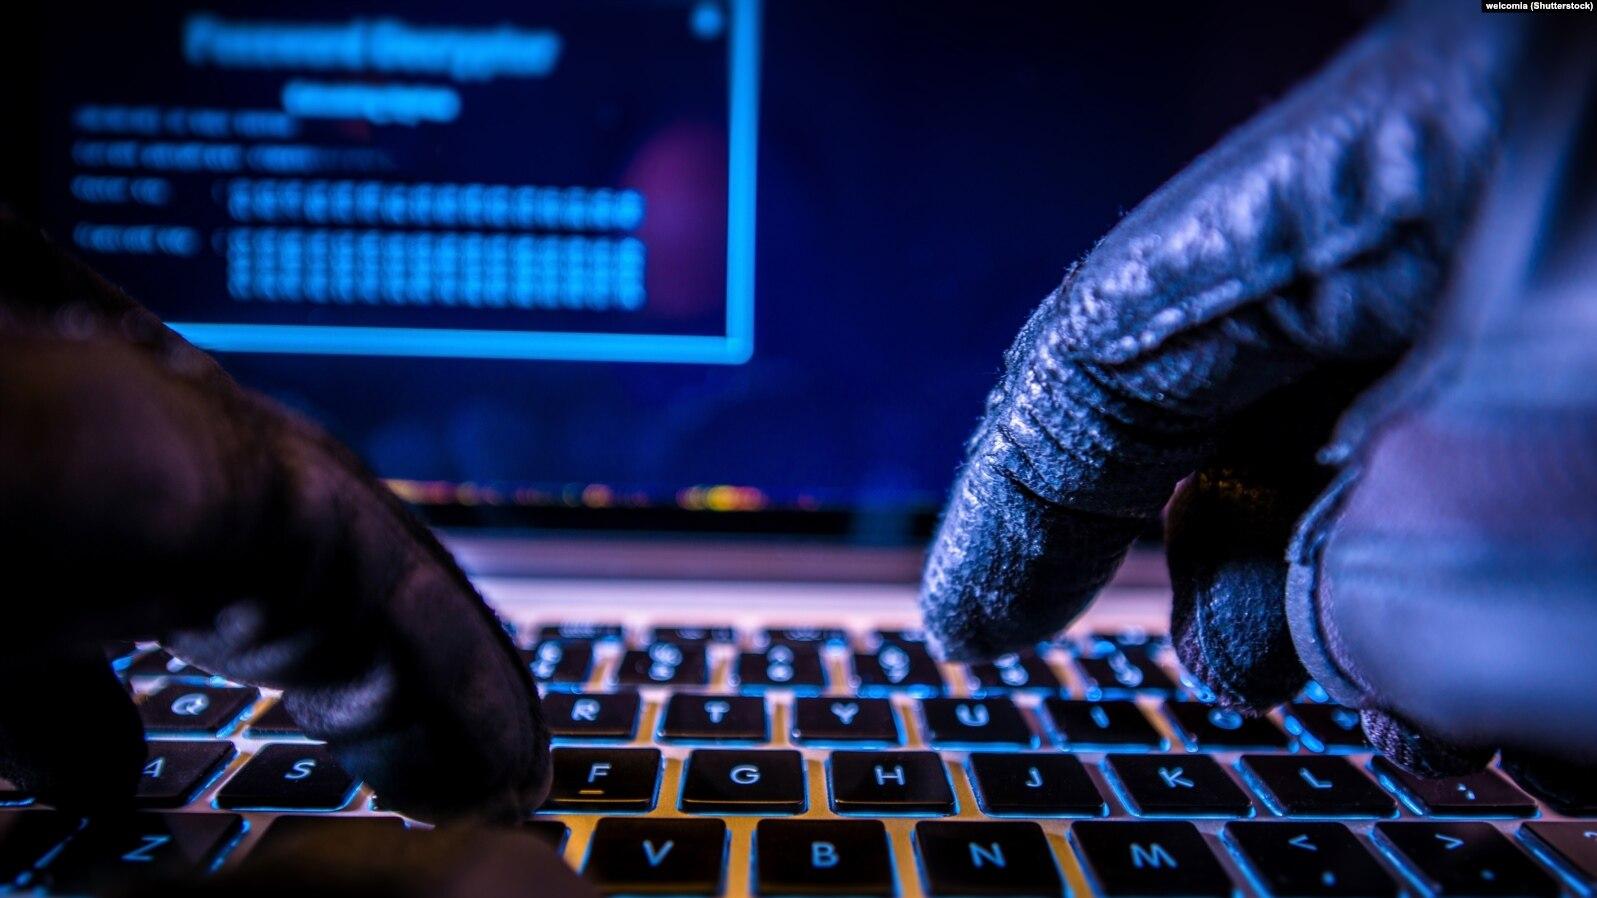 How To Hack School Website